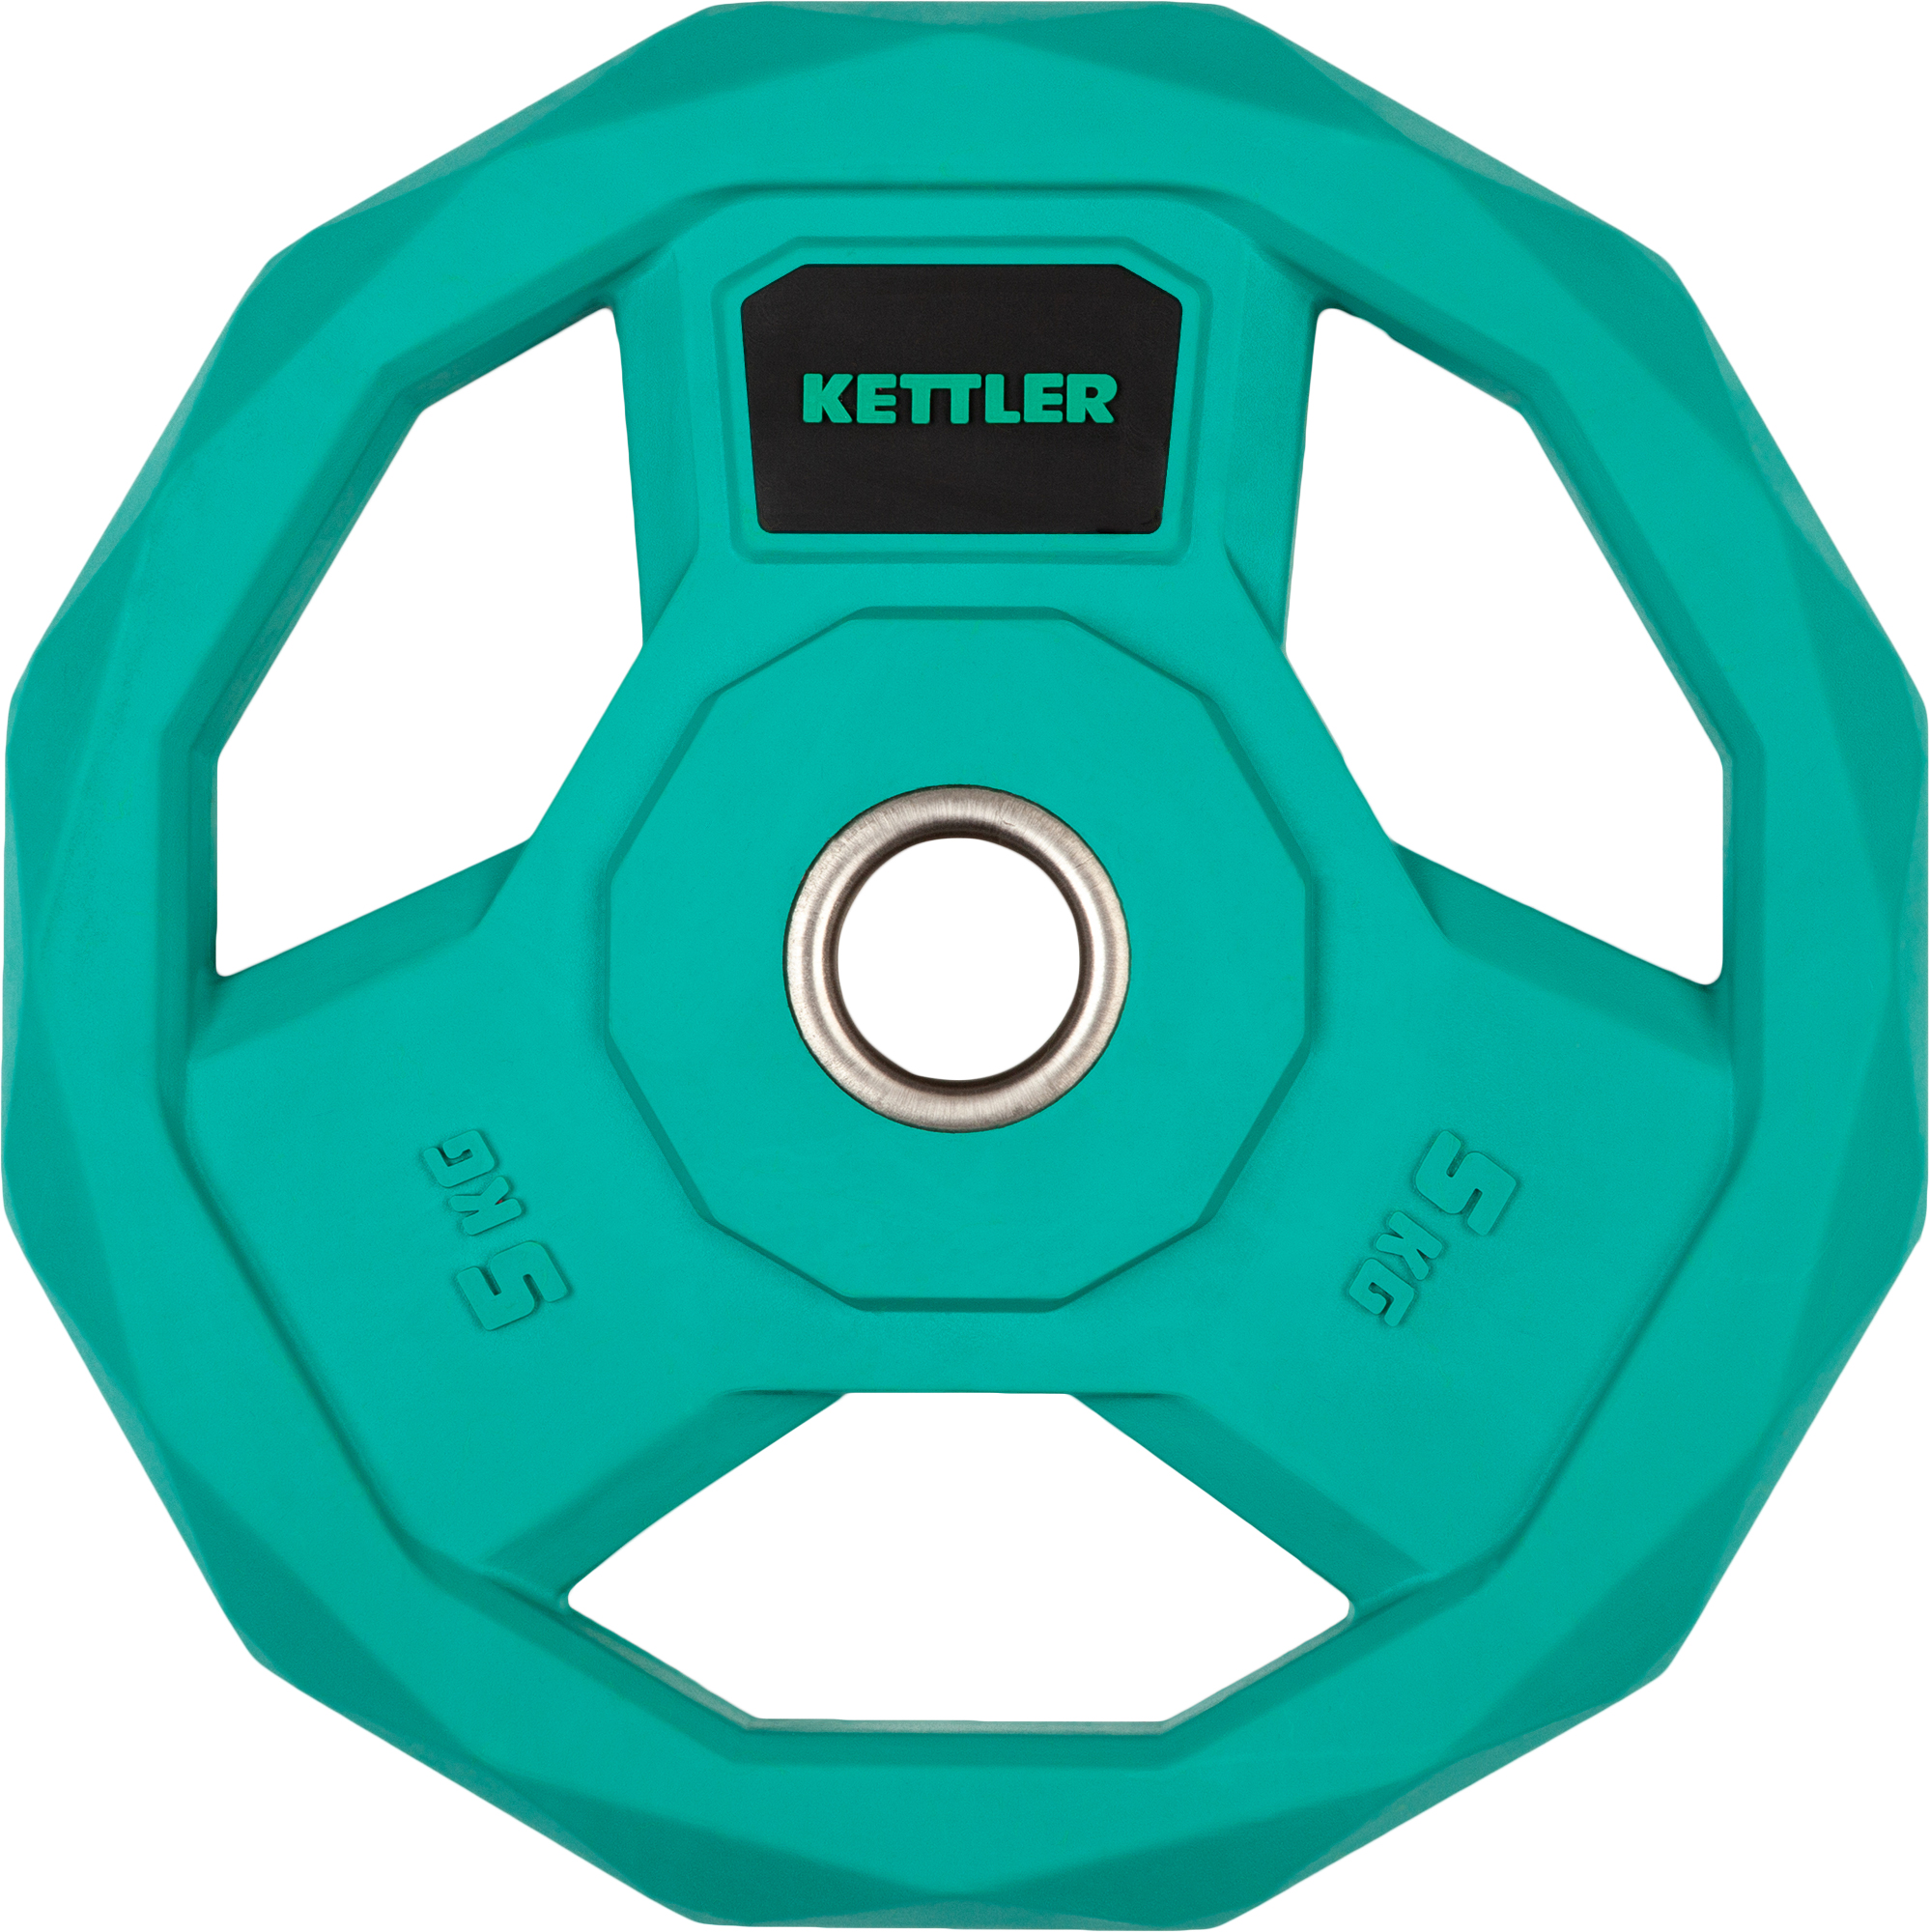 Kettler Блин стальной обрезиненный Kettler 5 кг дополнительная деталь всадник kettler basic 8382 920